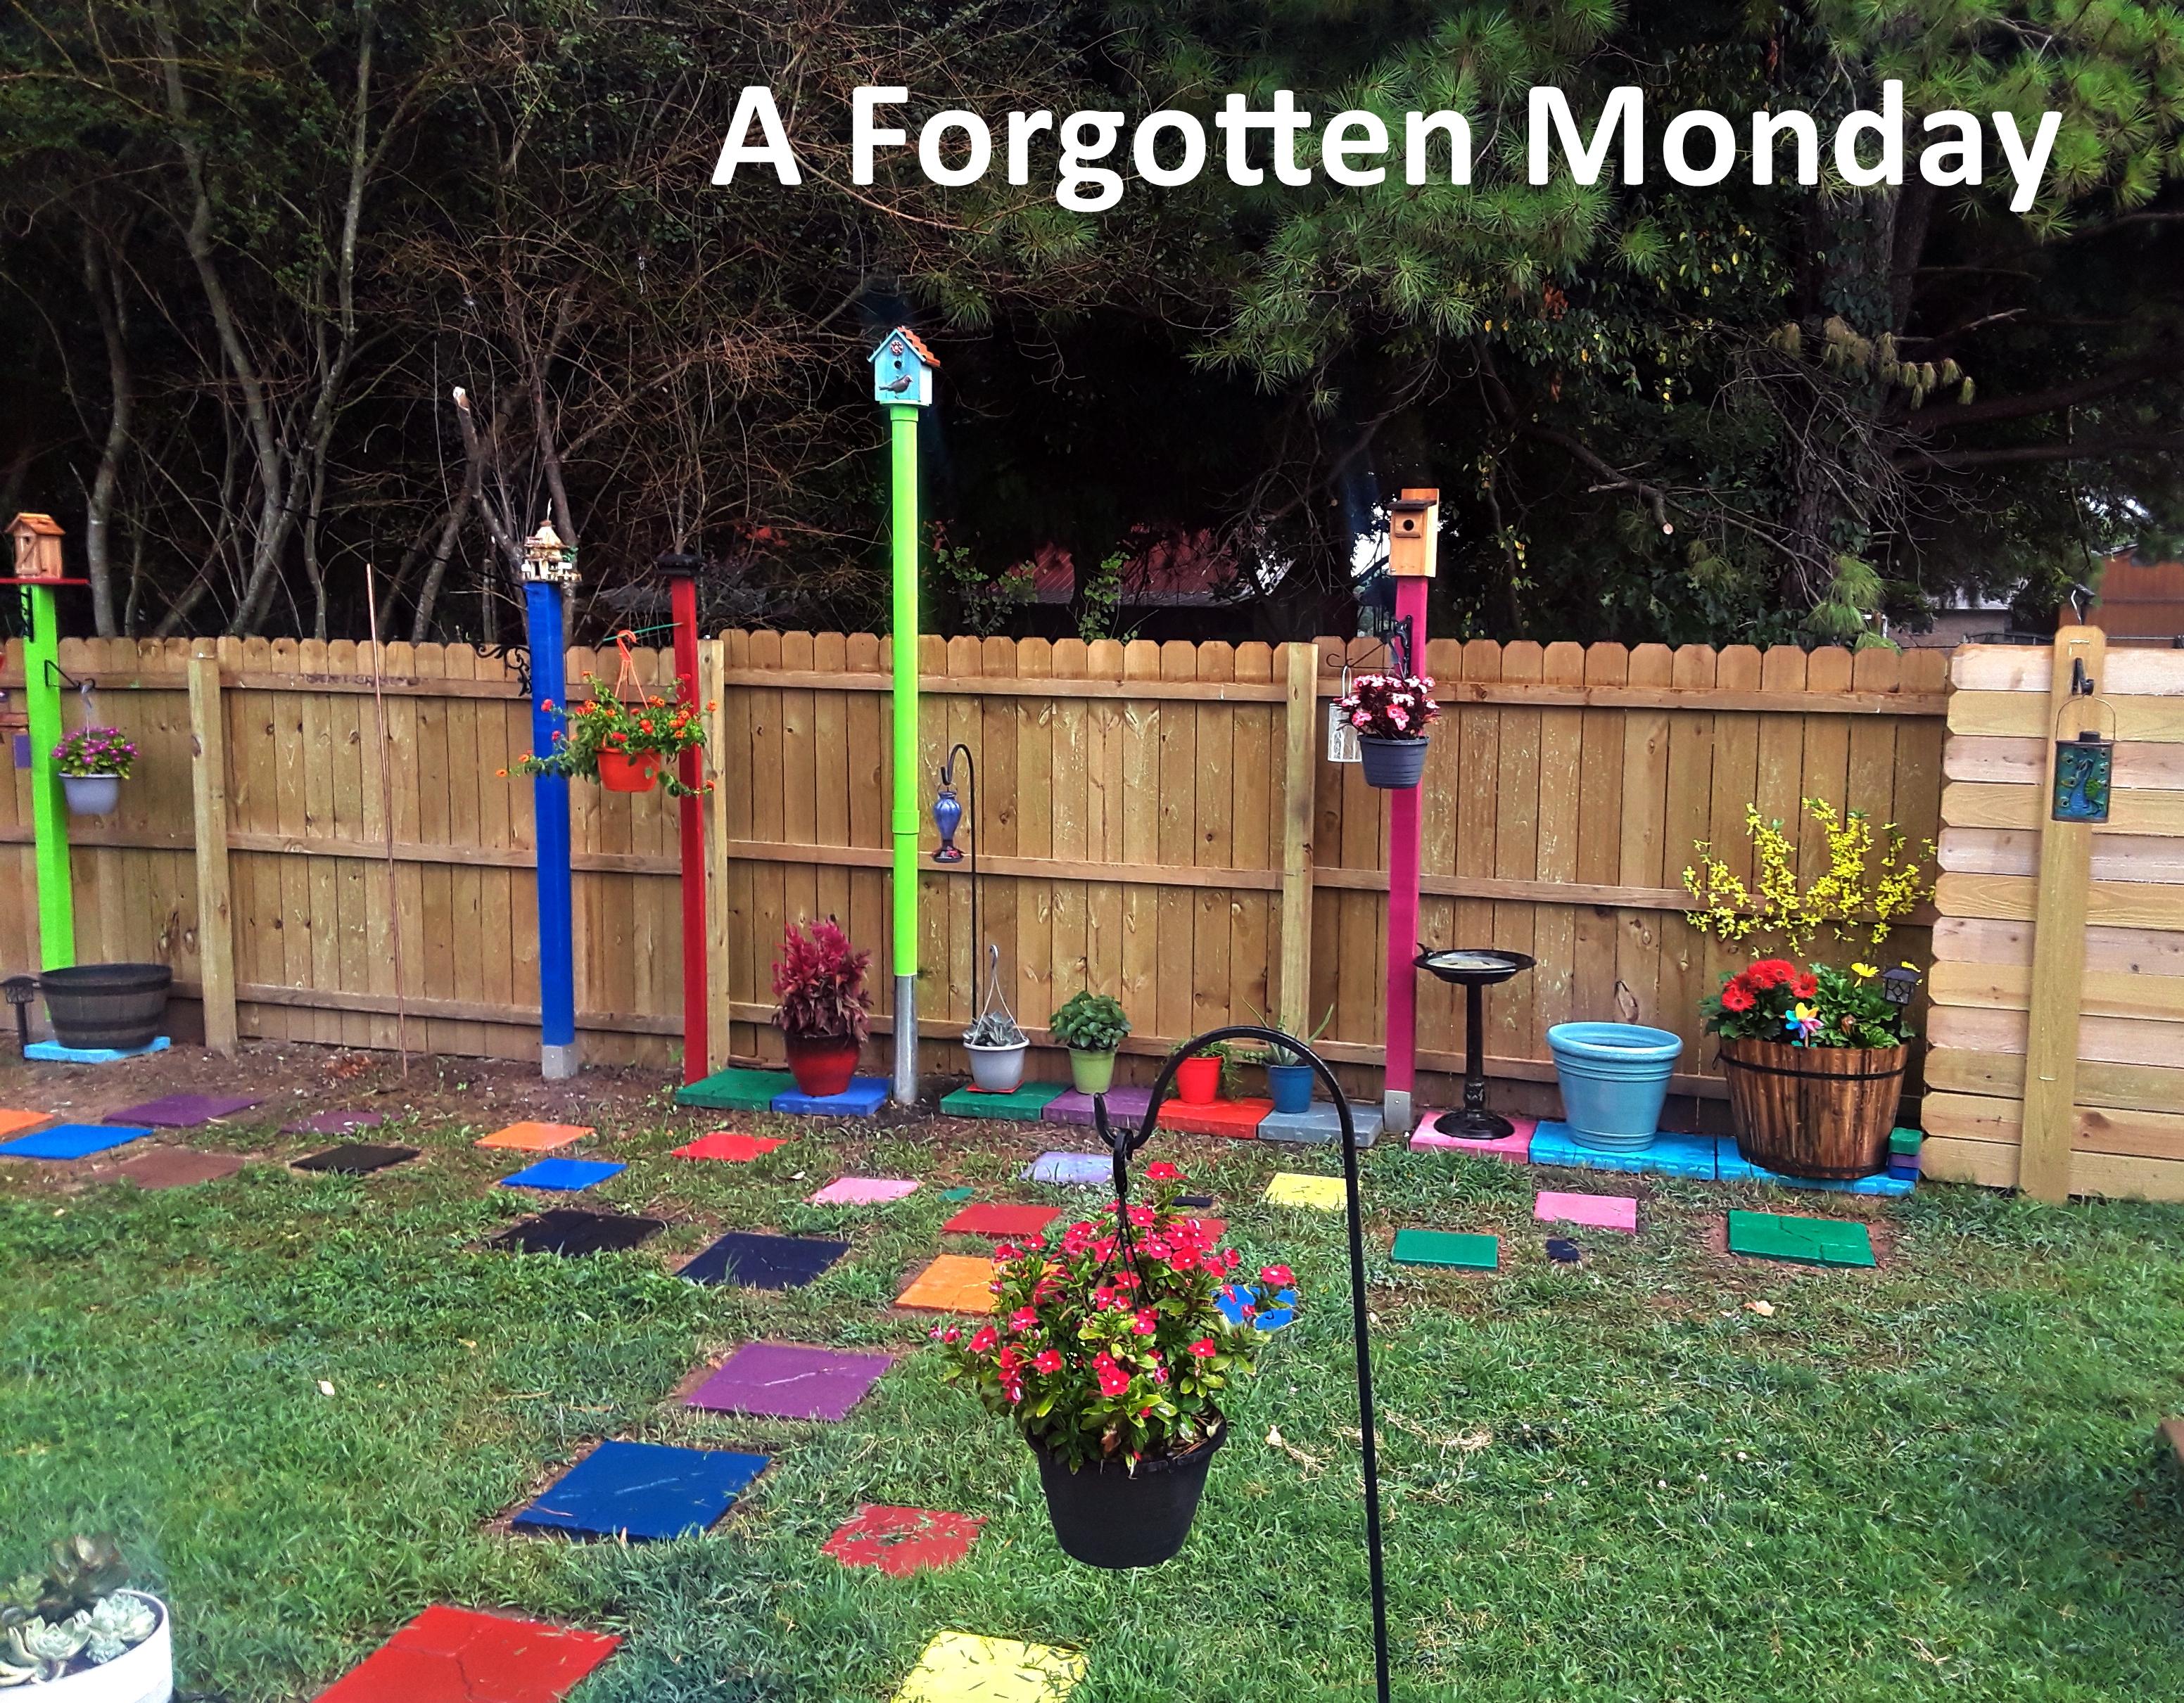 a forgotten Monday